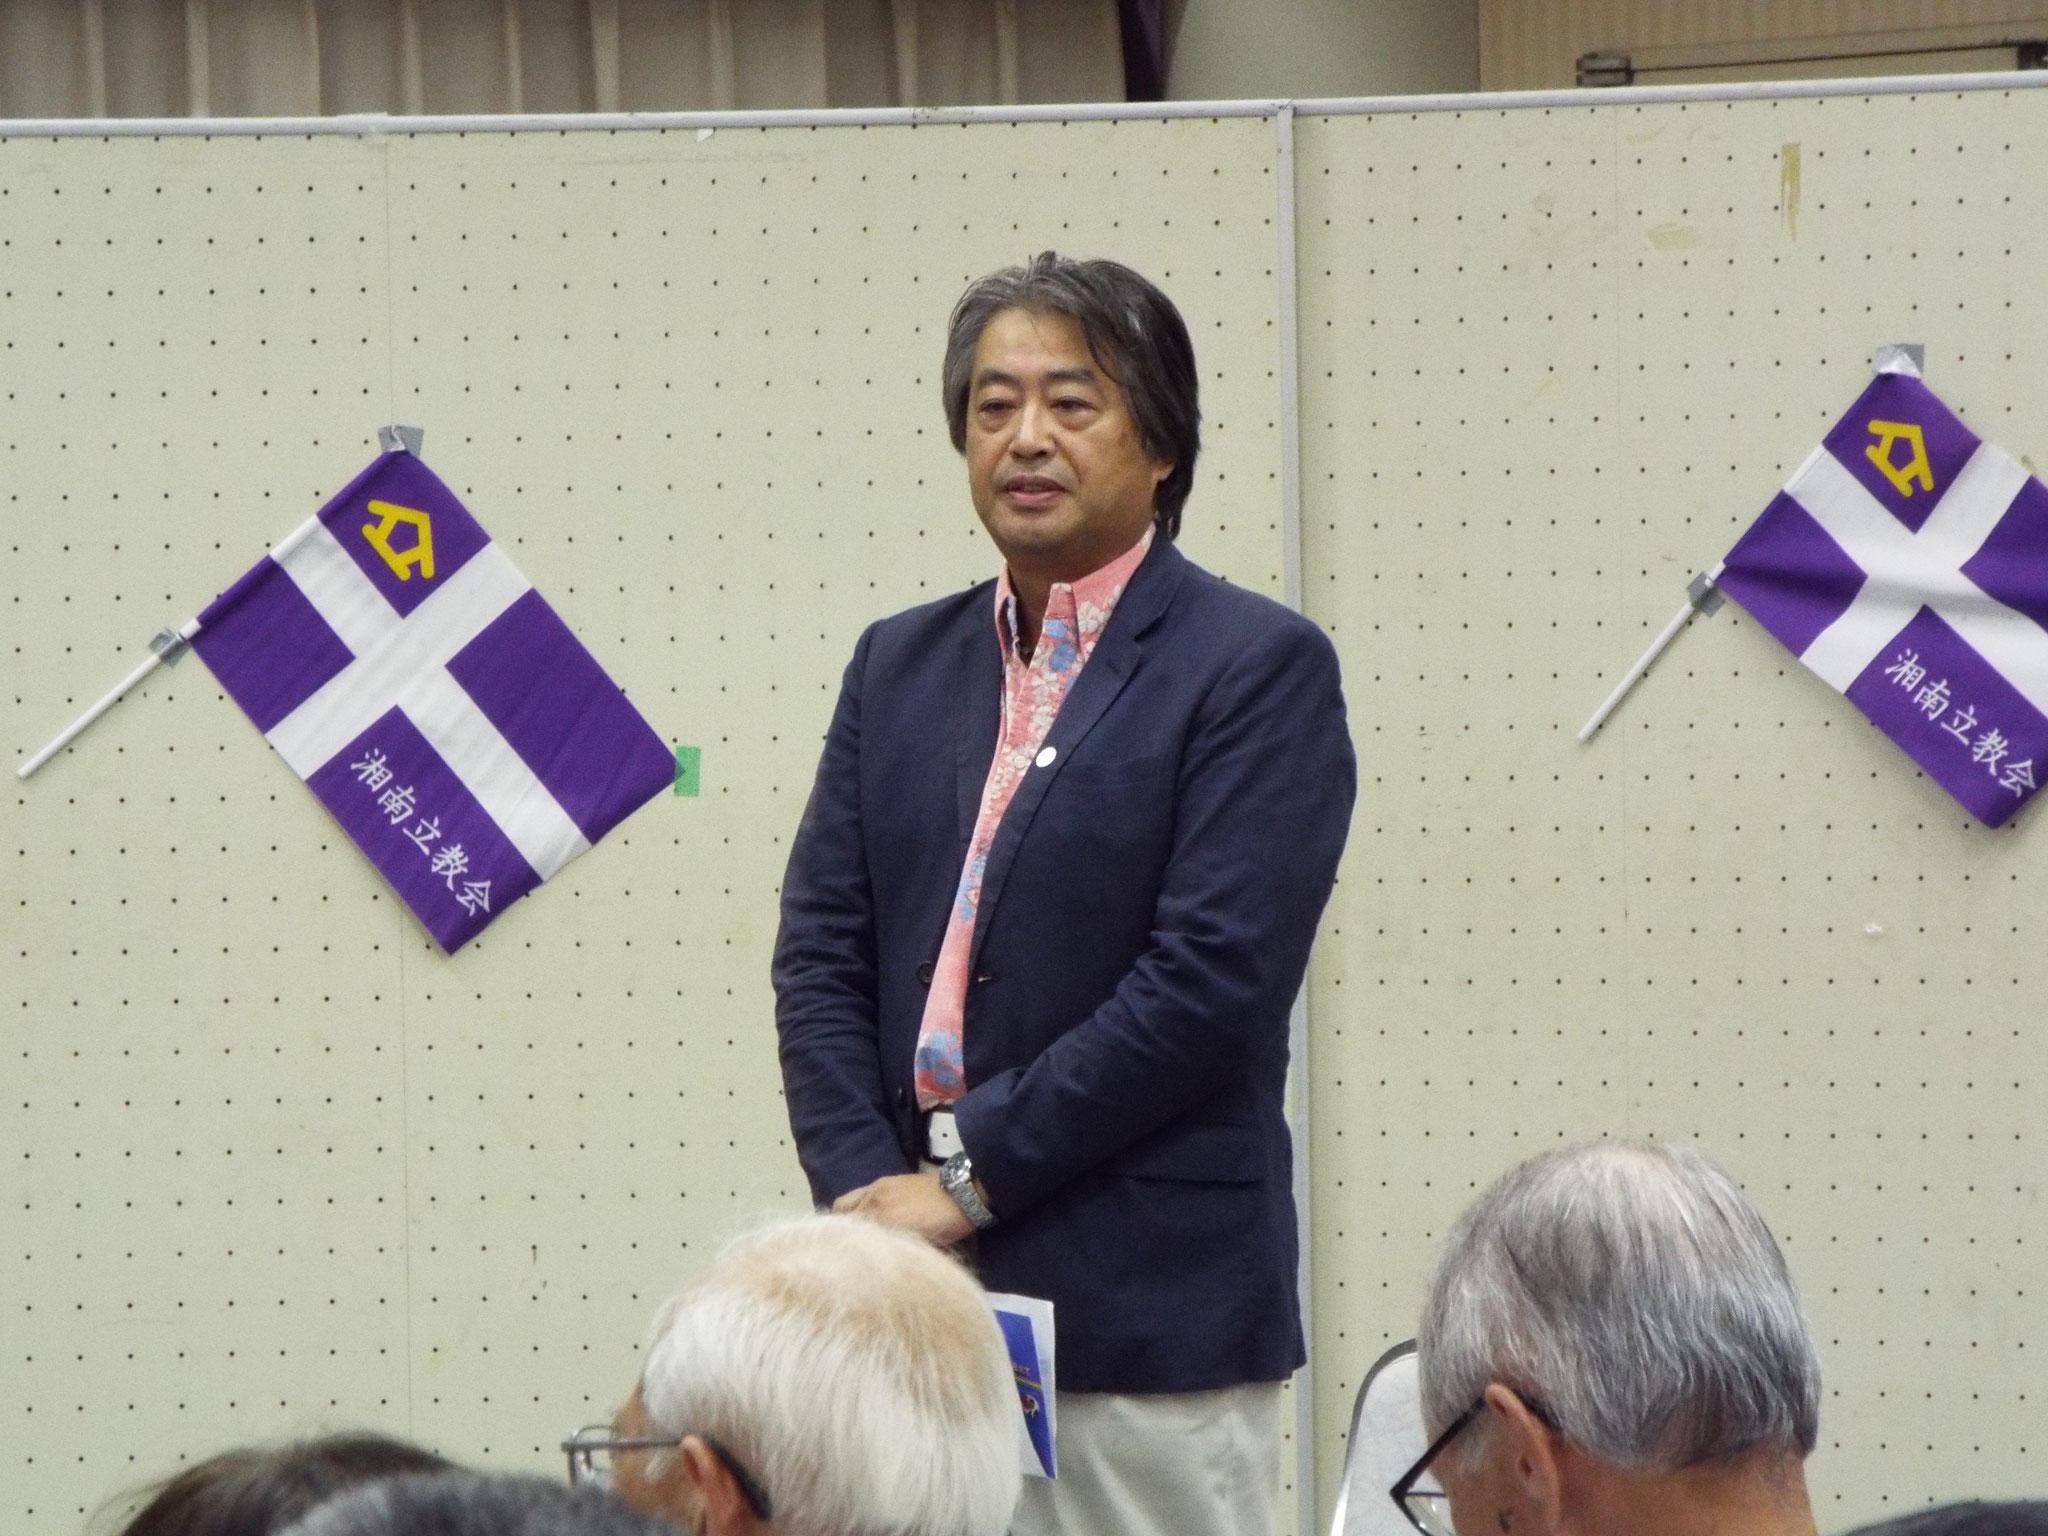 磯部さんの司会で始まる。伊藤さん大口さんの経緯等上手に聞き出す